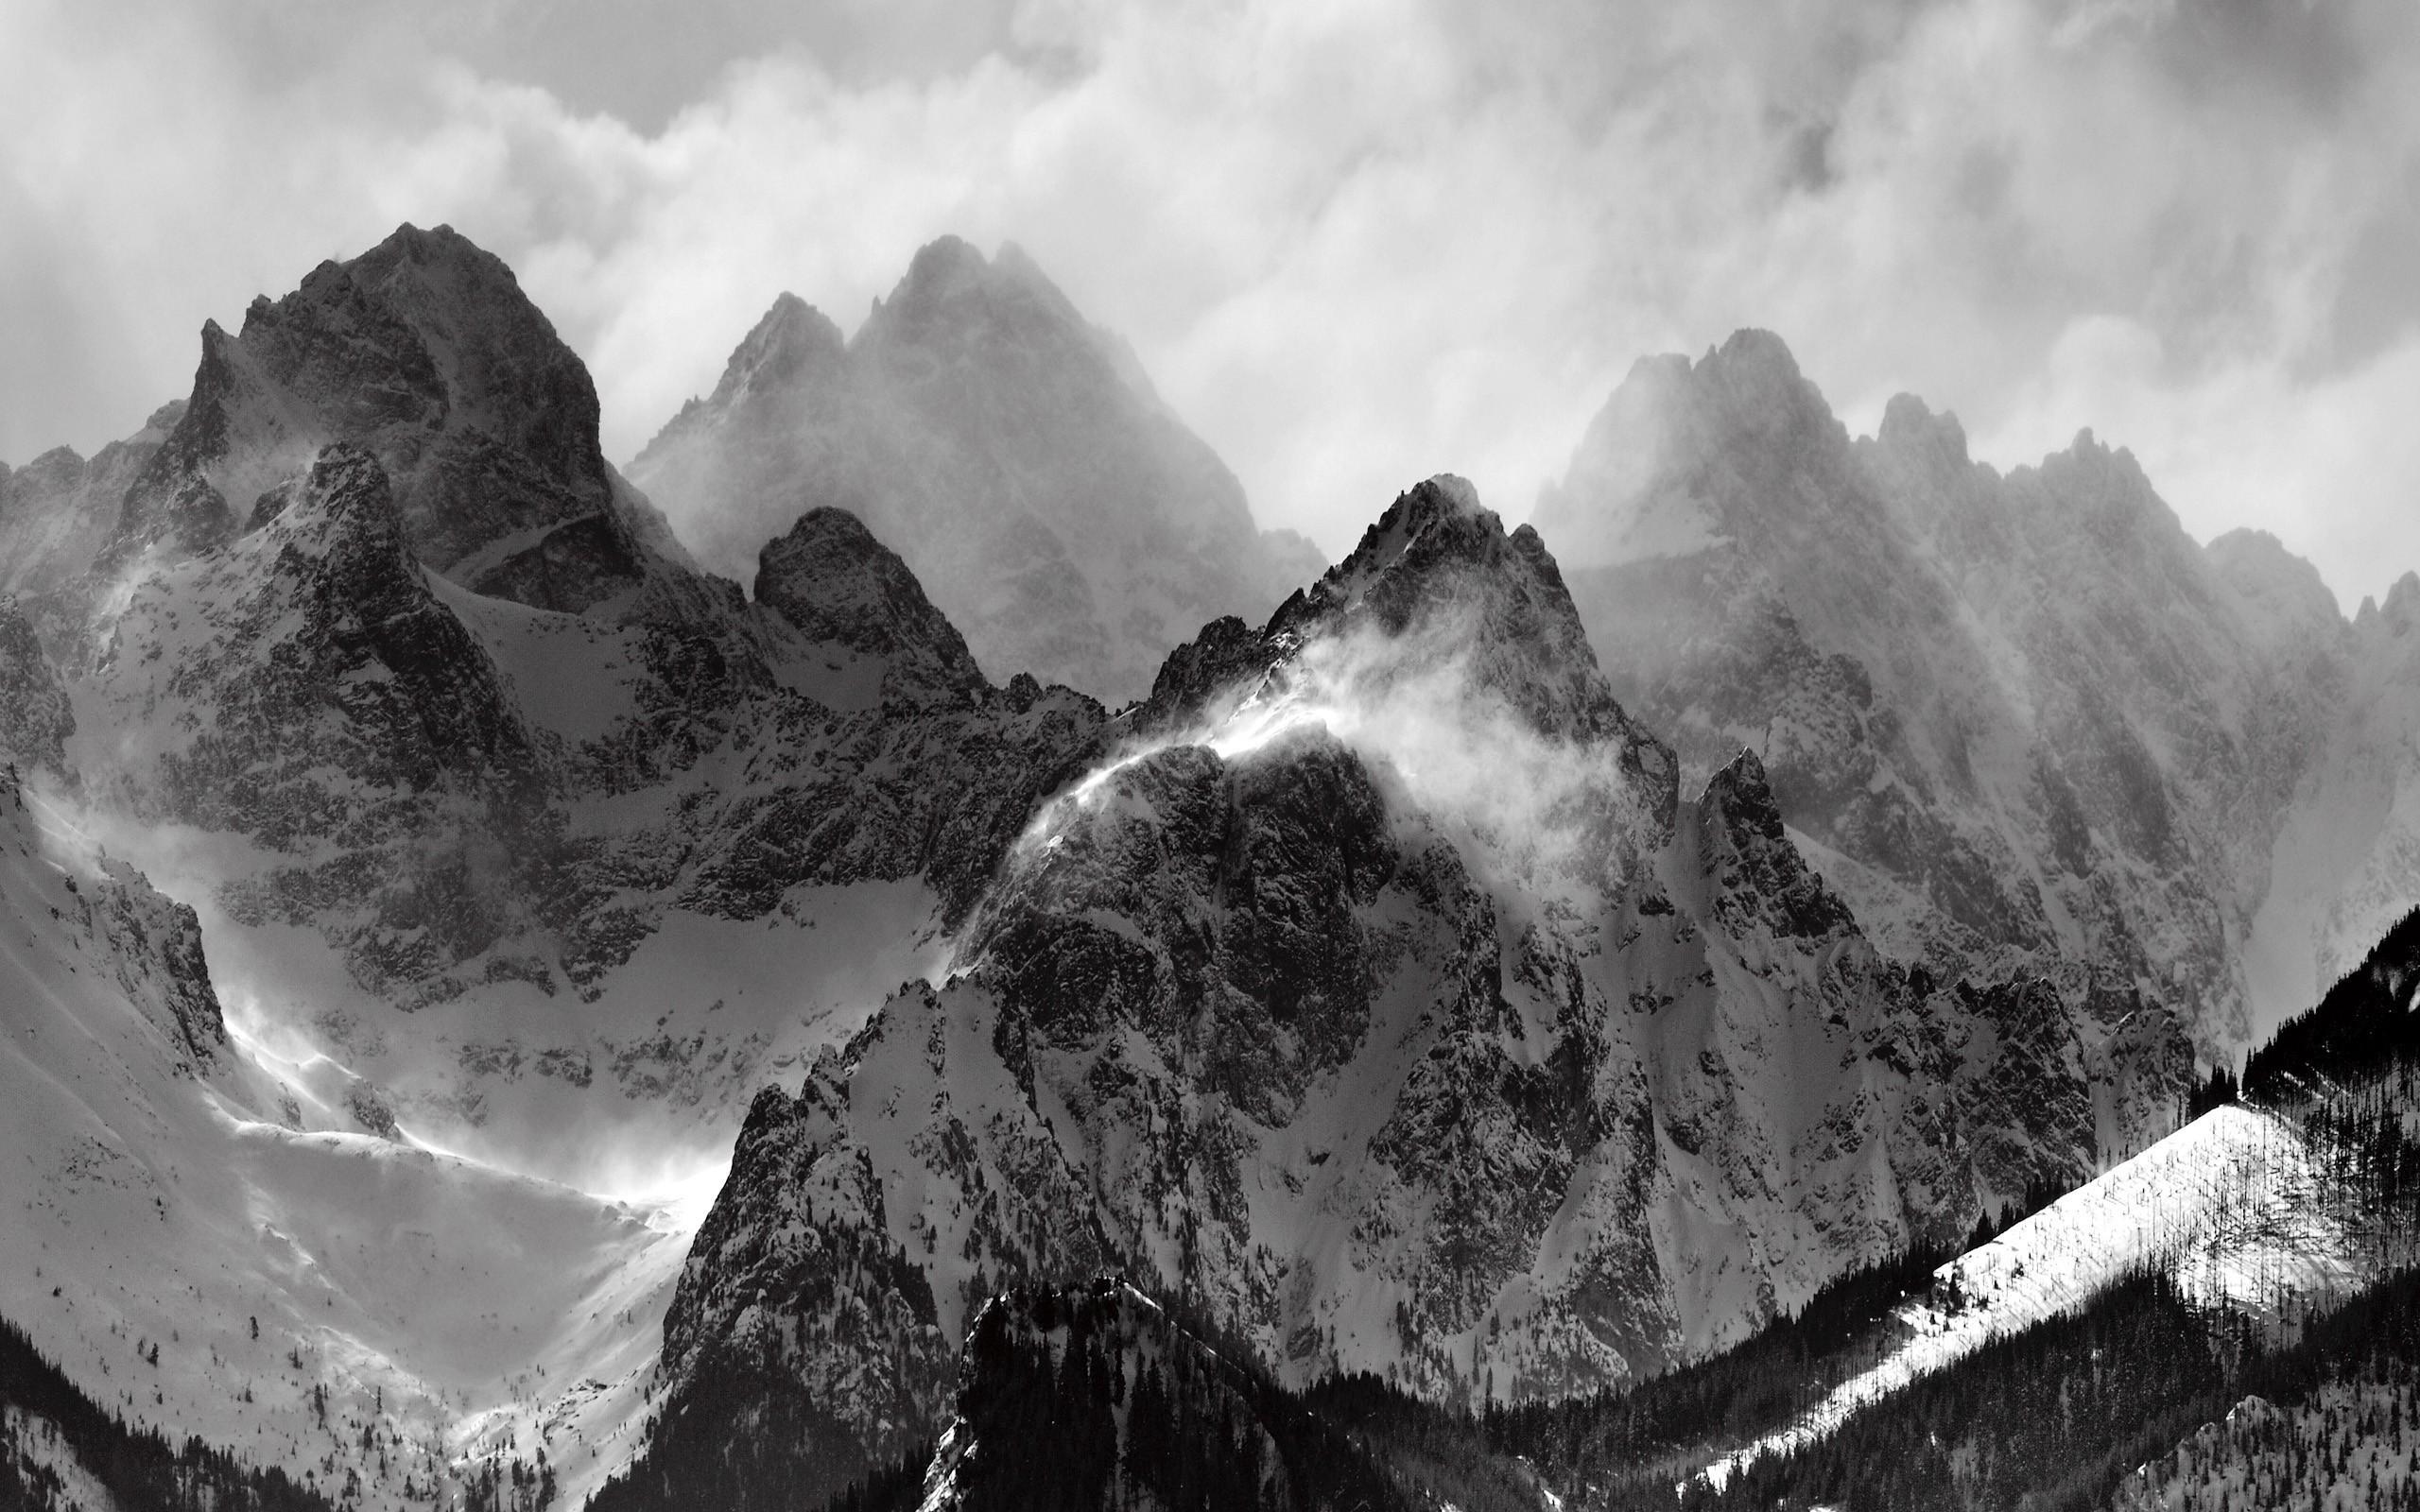 Wallpaper : landscape, rock, nature, snow, ice, mist, Alps, Mount